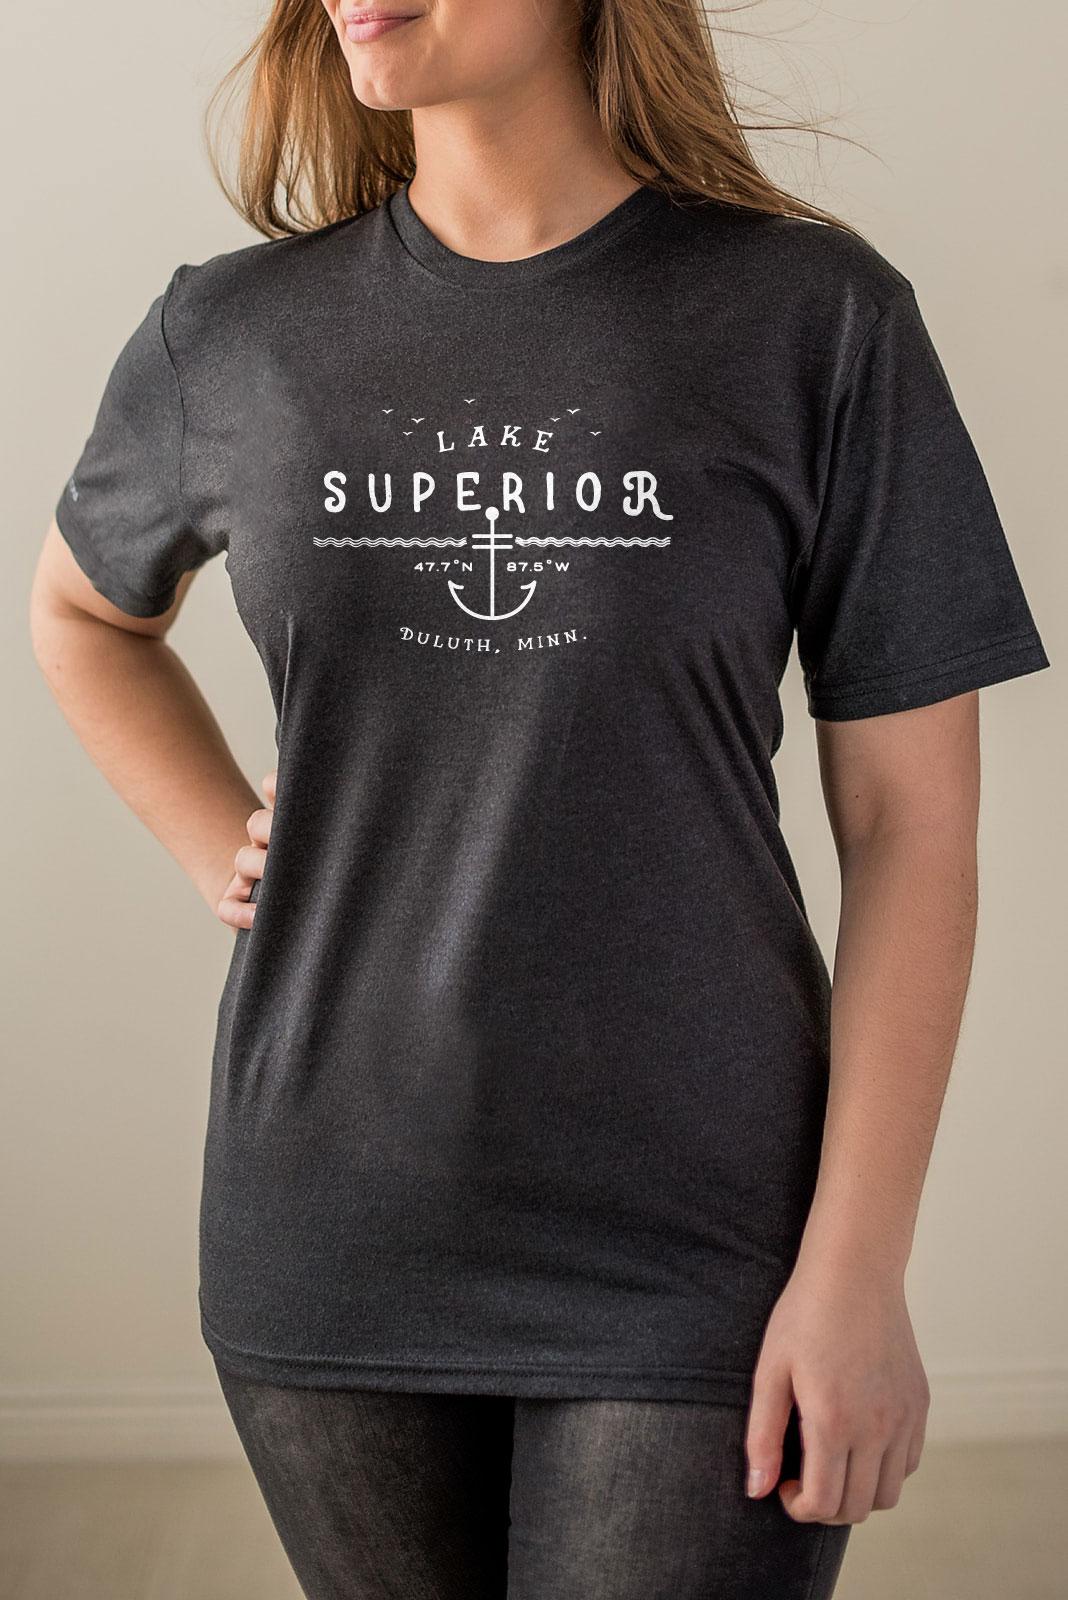 Superior-Womens-Allmade-Black-Mockup.jpg